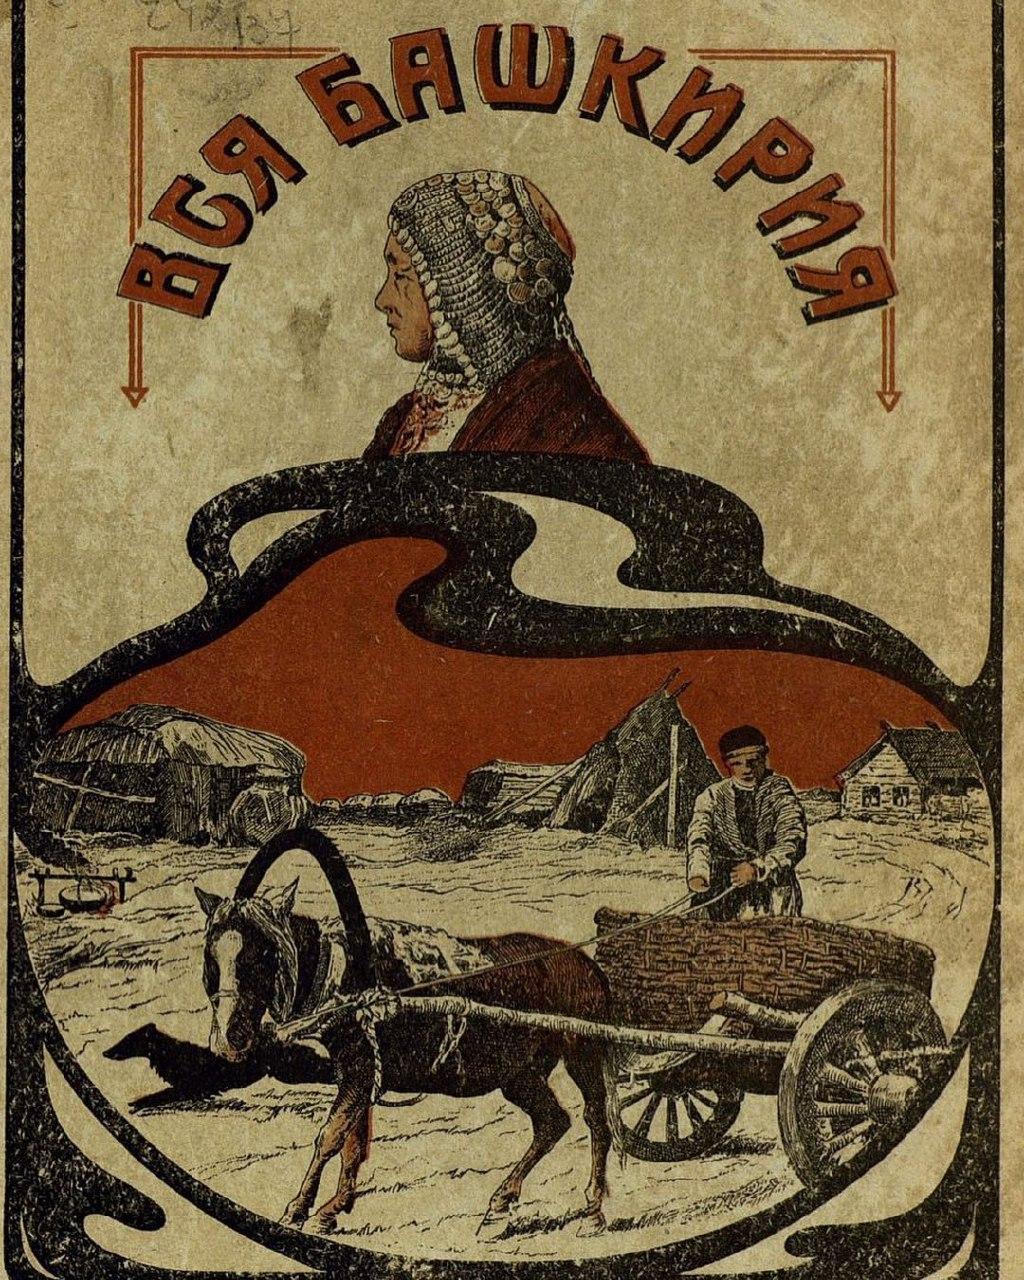 Телефонная книга 1925 года